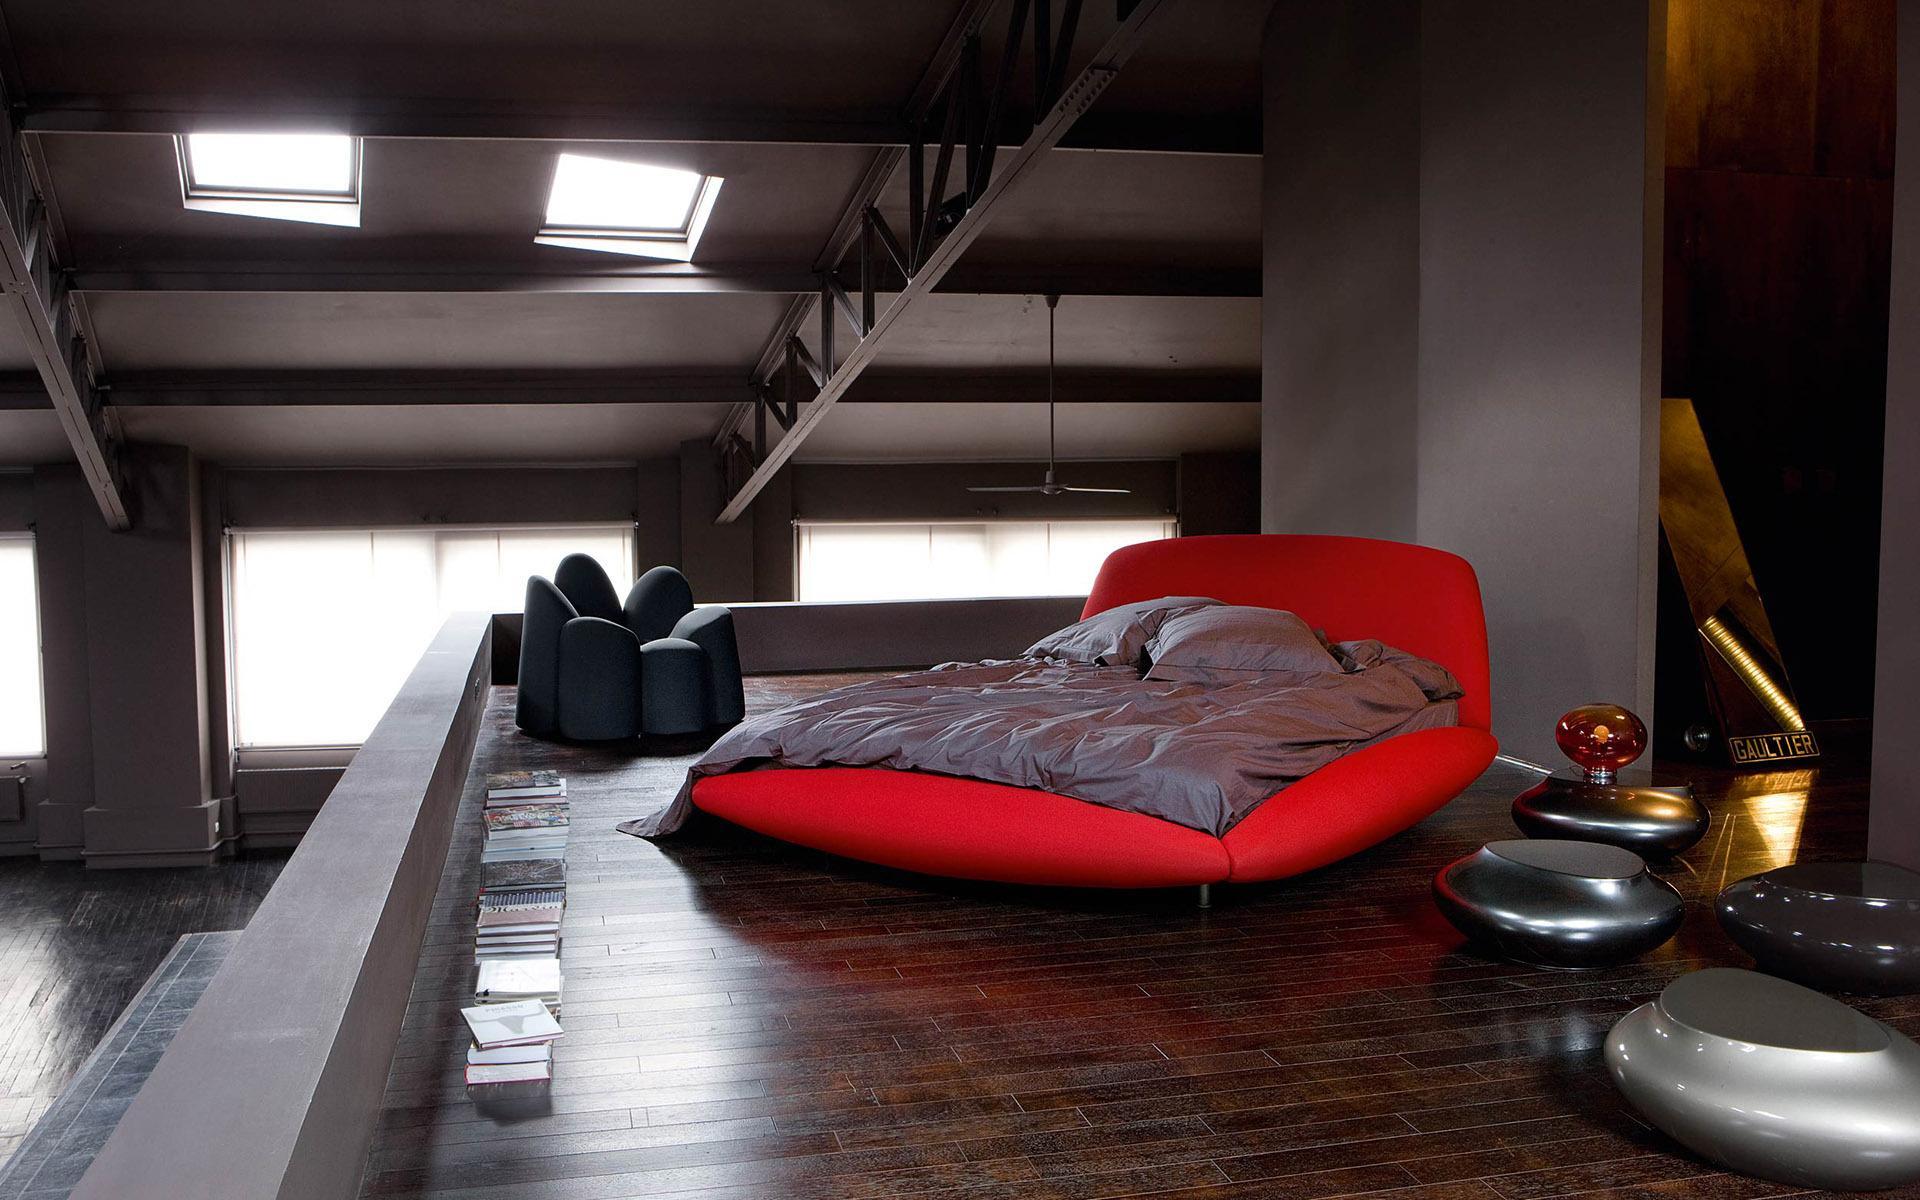 Круглые кровати, как правило, просторнее обычных, поэтому большинство из них имеют два свободных спальных места